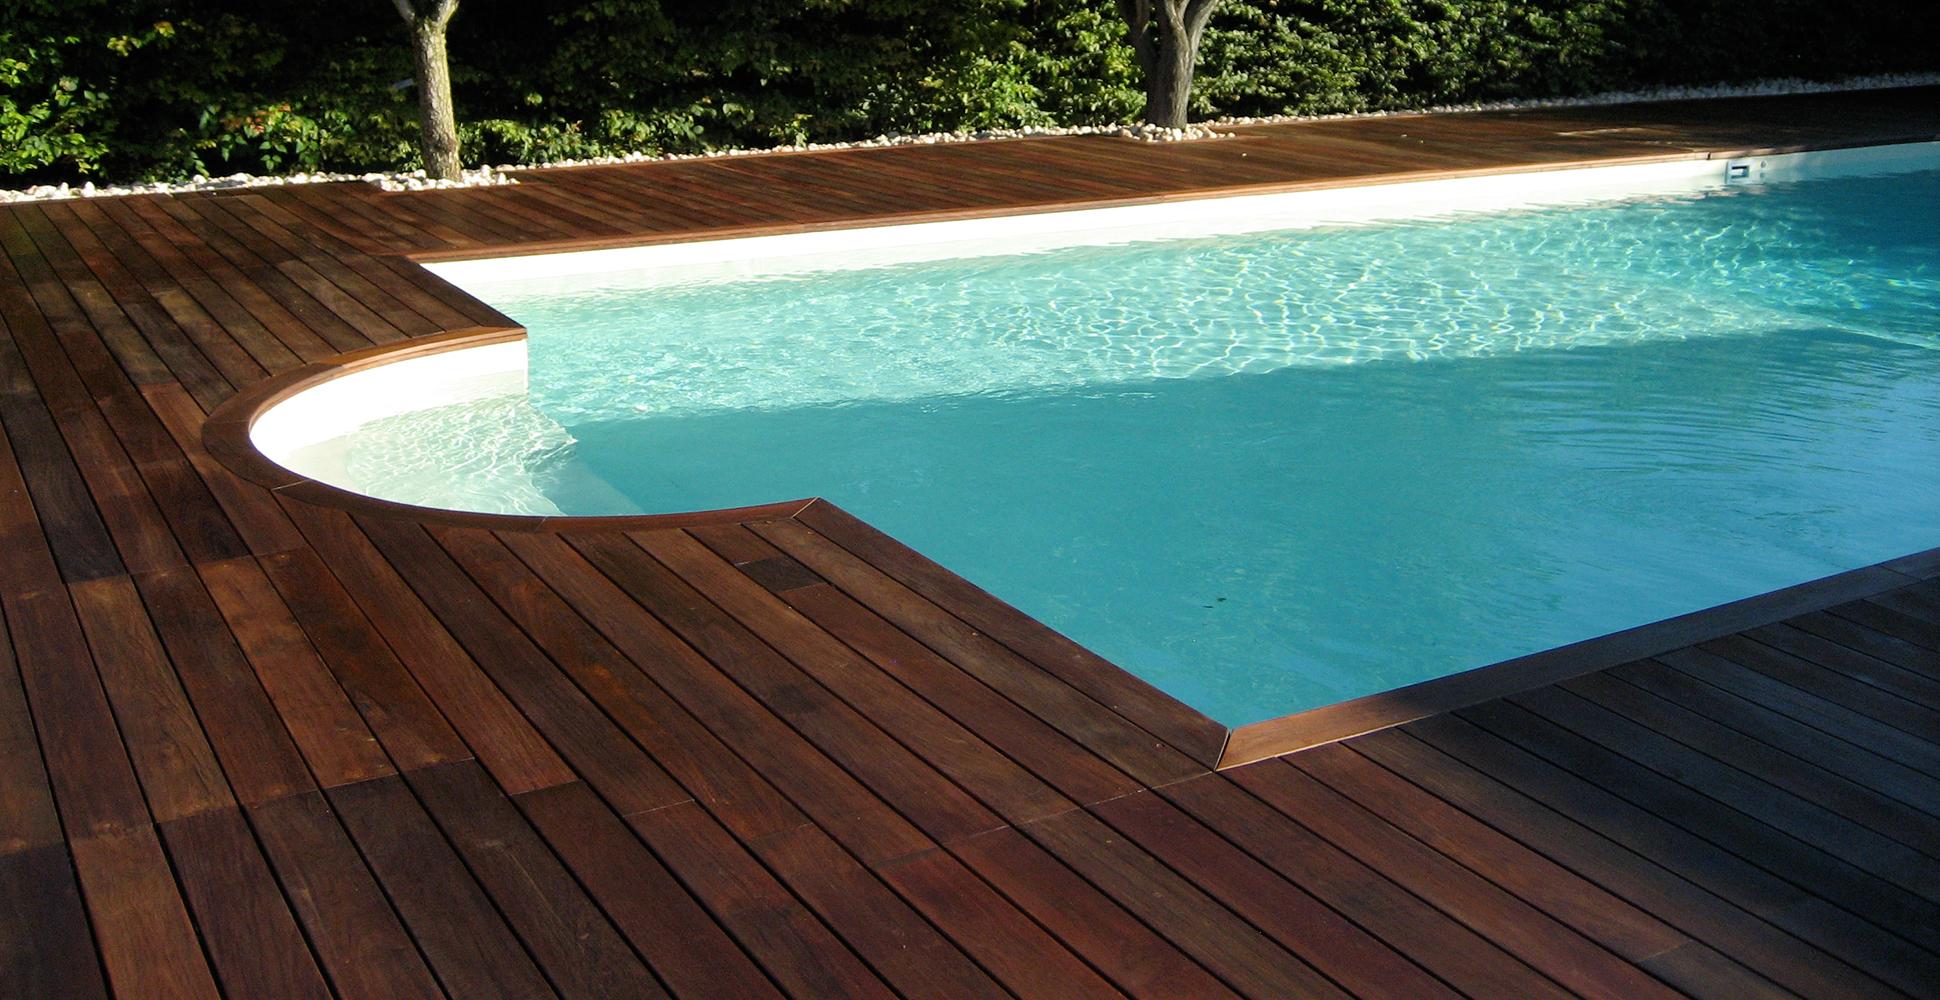 Progetto verde rimini santarcangelo camini caminetti for Arredo esterno in legno